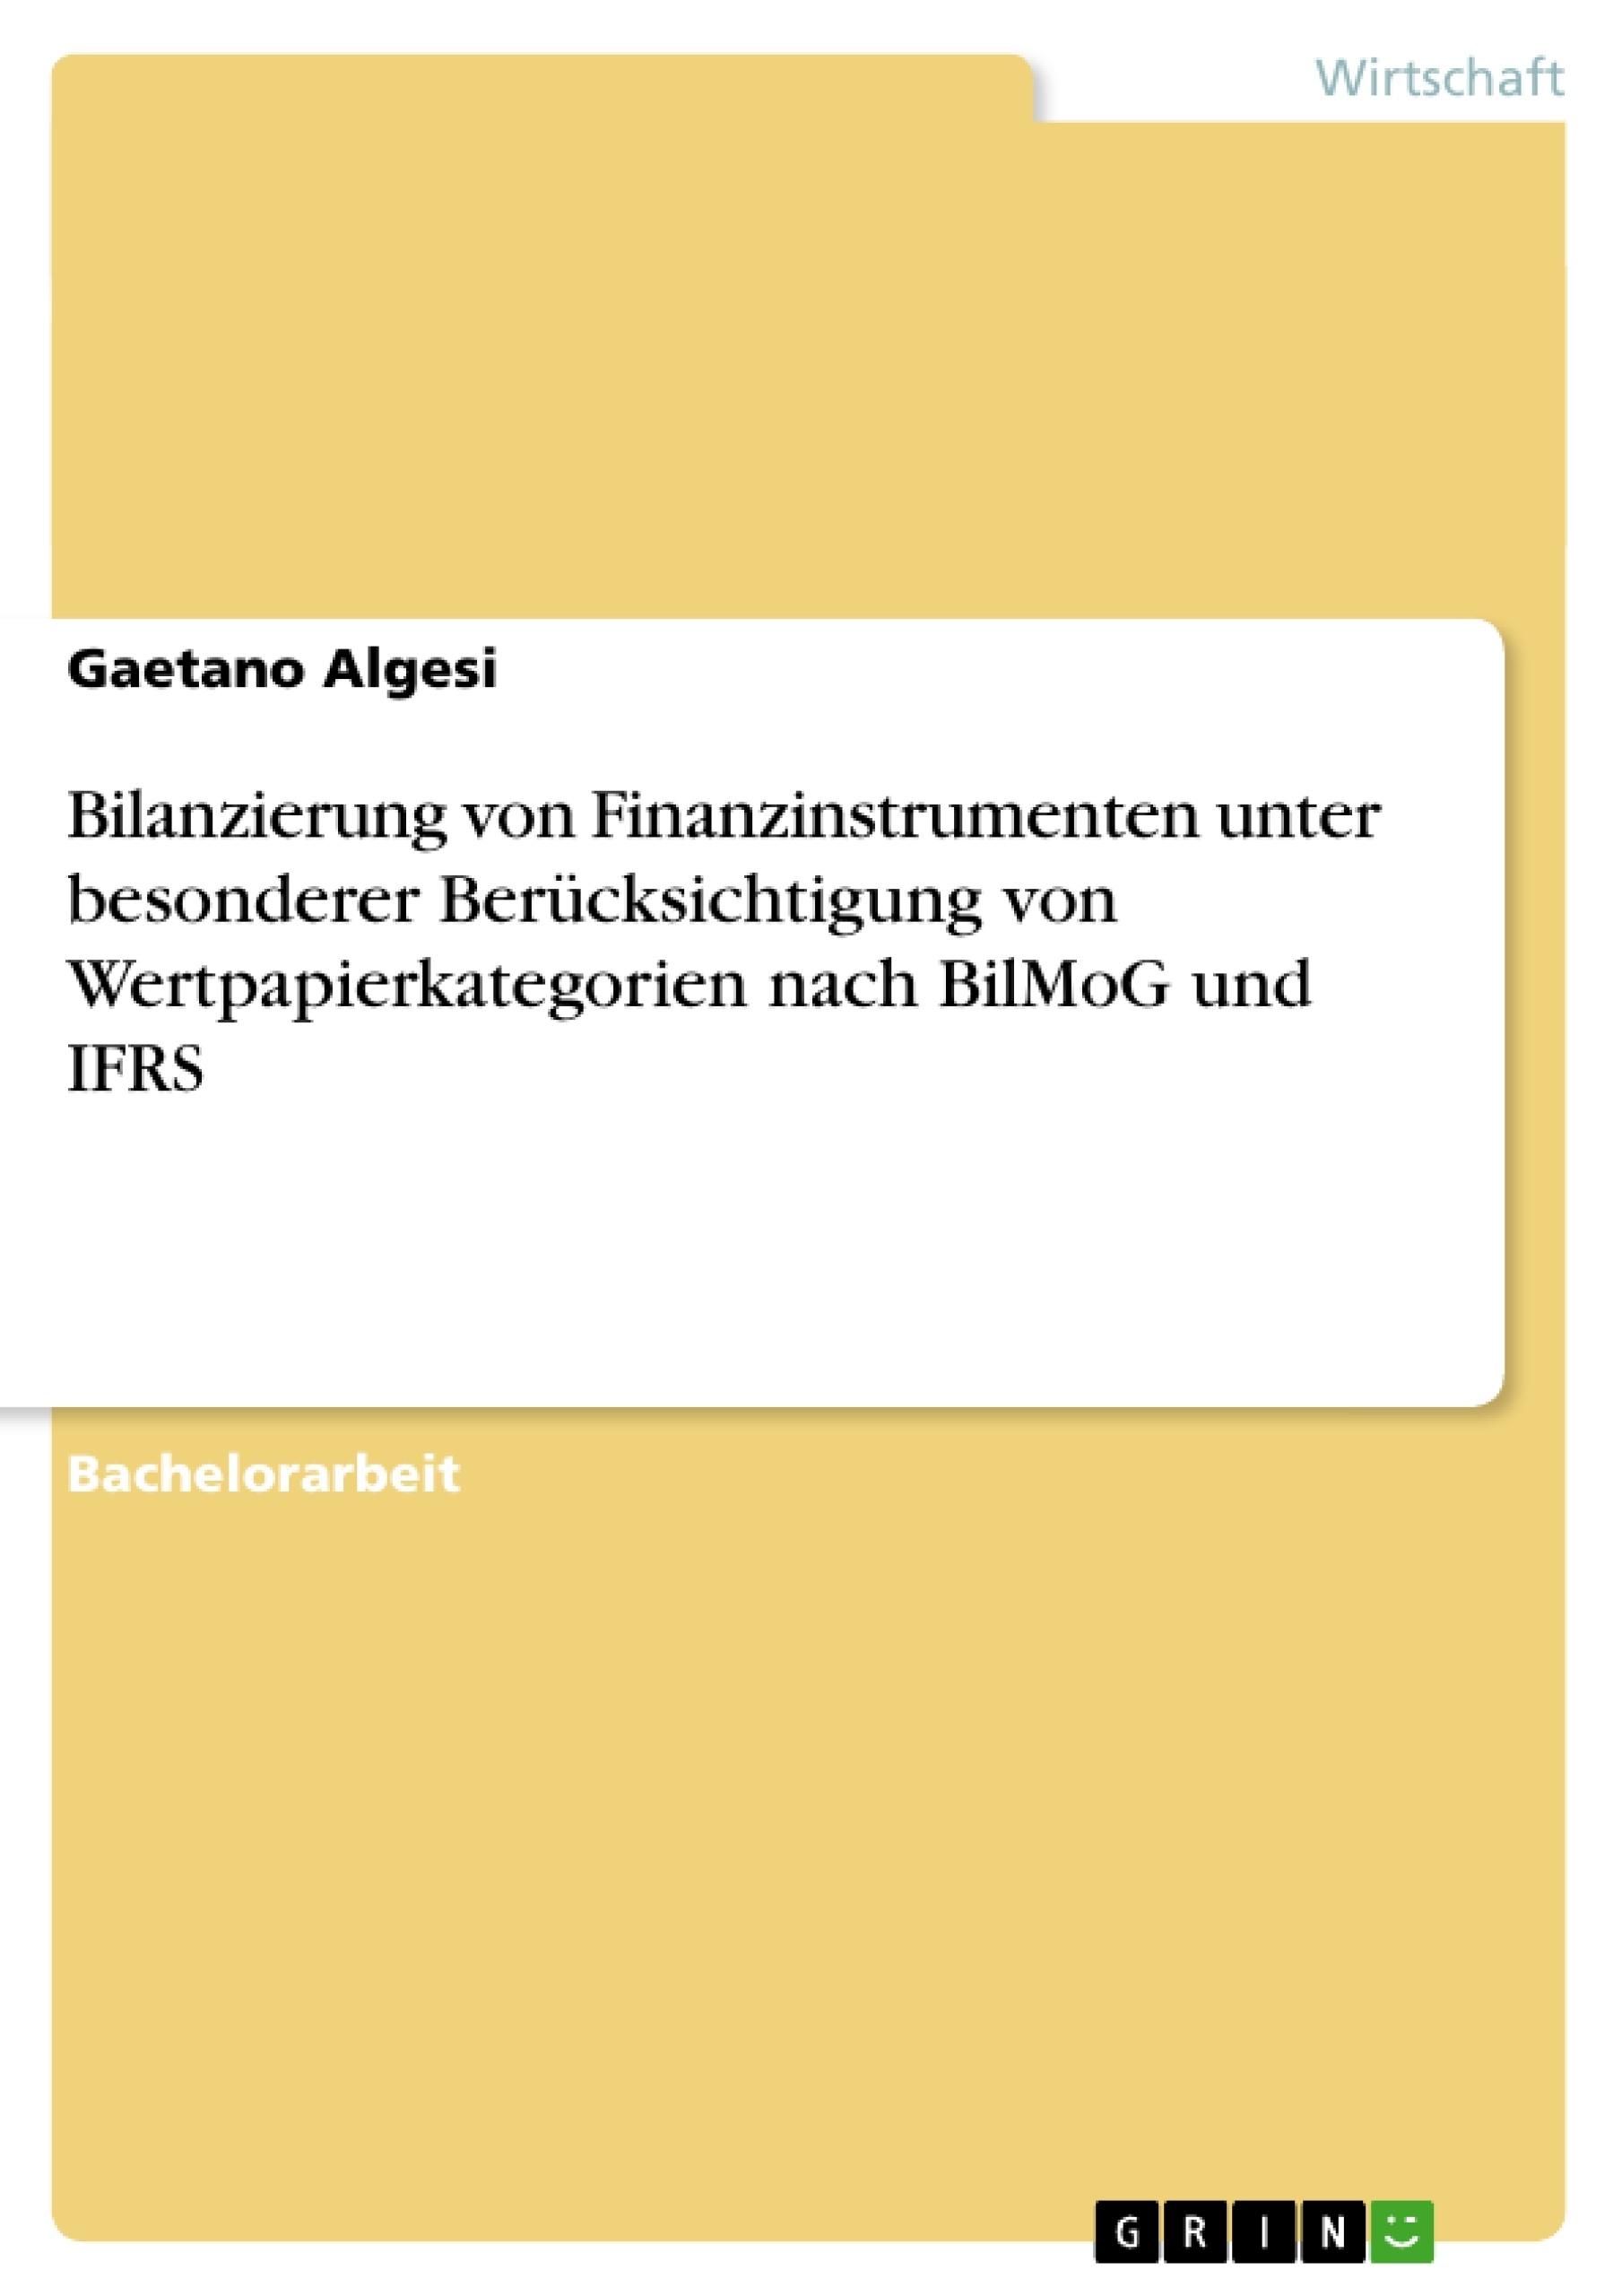 Titel: Bilanzierung von Finanzinstrumenten unter besonderer Berücksichtigung von Wertpapierkategorien nach BilMoG und IFRS